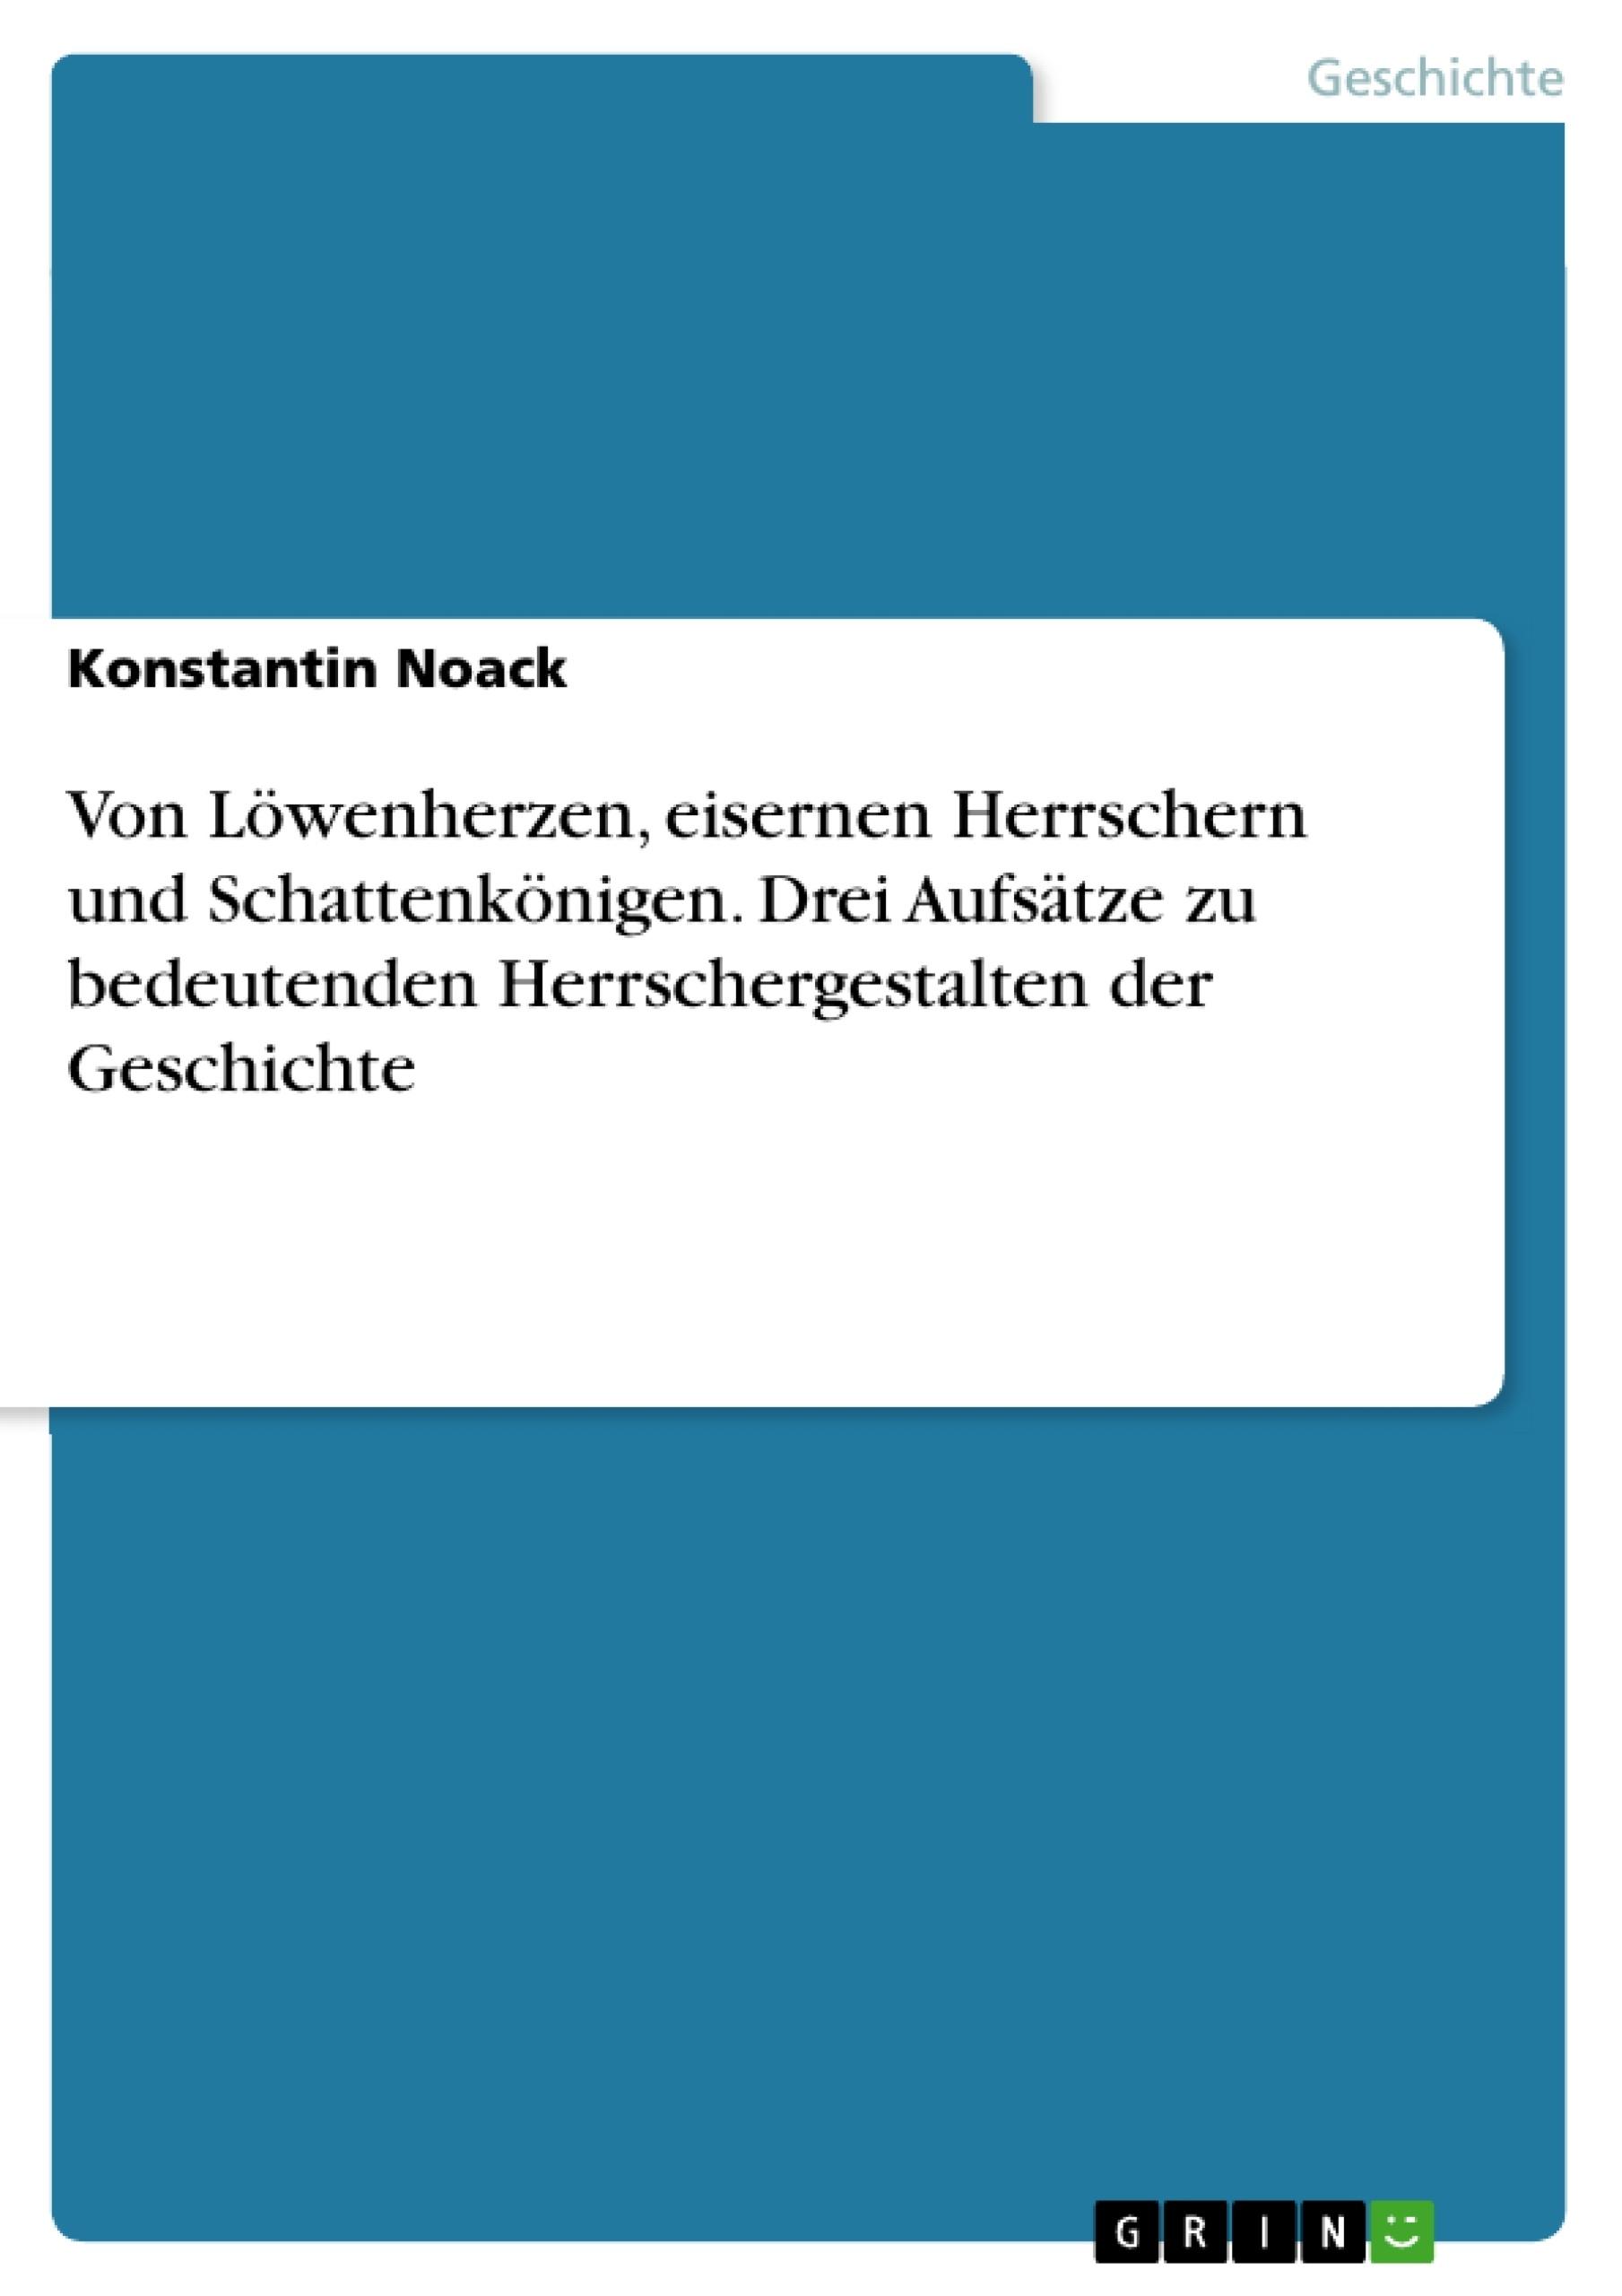 Titel: Von Löwenherzen, eisernen Herrschern und Schattenkönigen. Drei Aufsätze zu bedeutenden Herrschergestalten der Geschichte